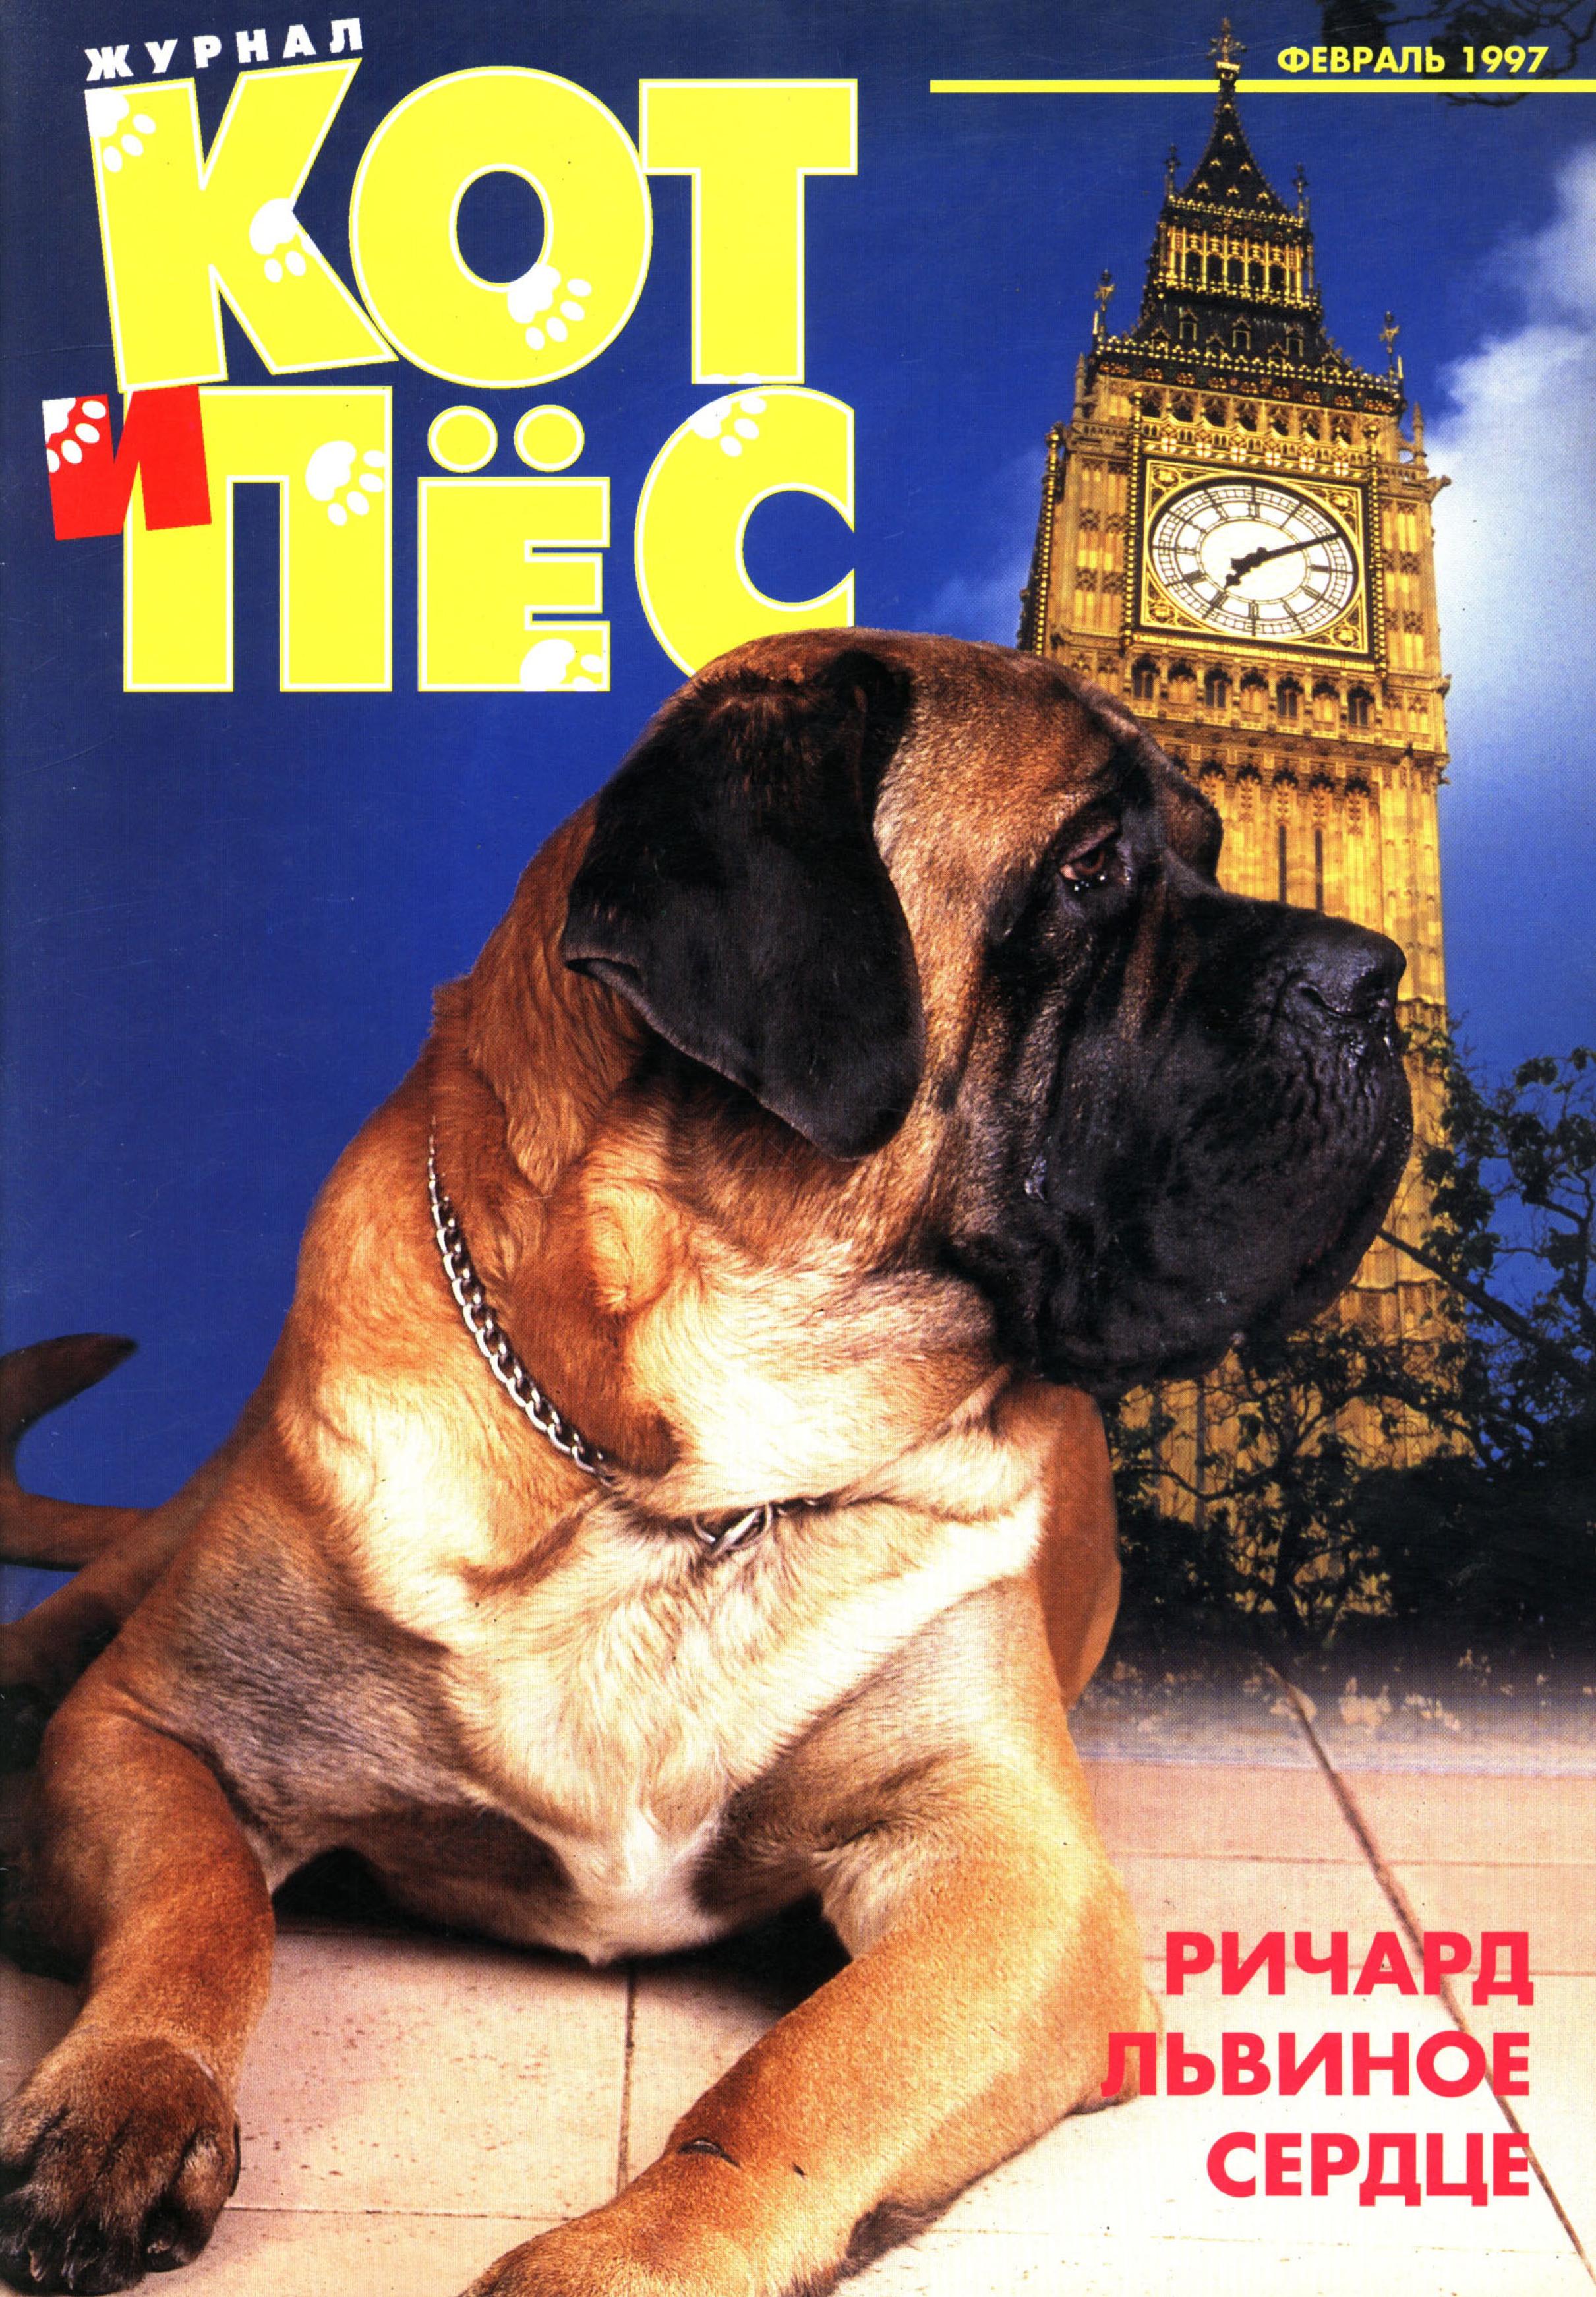 Отсутствует Кот и Пёс №02/1997